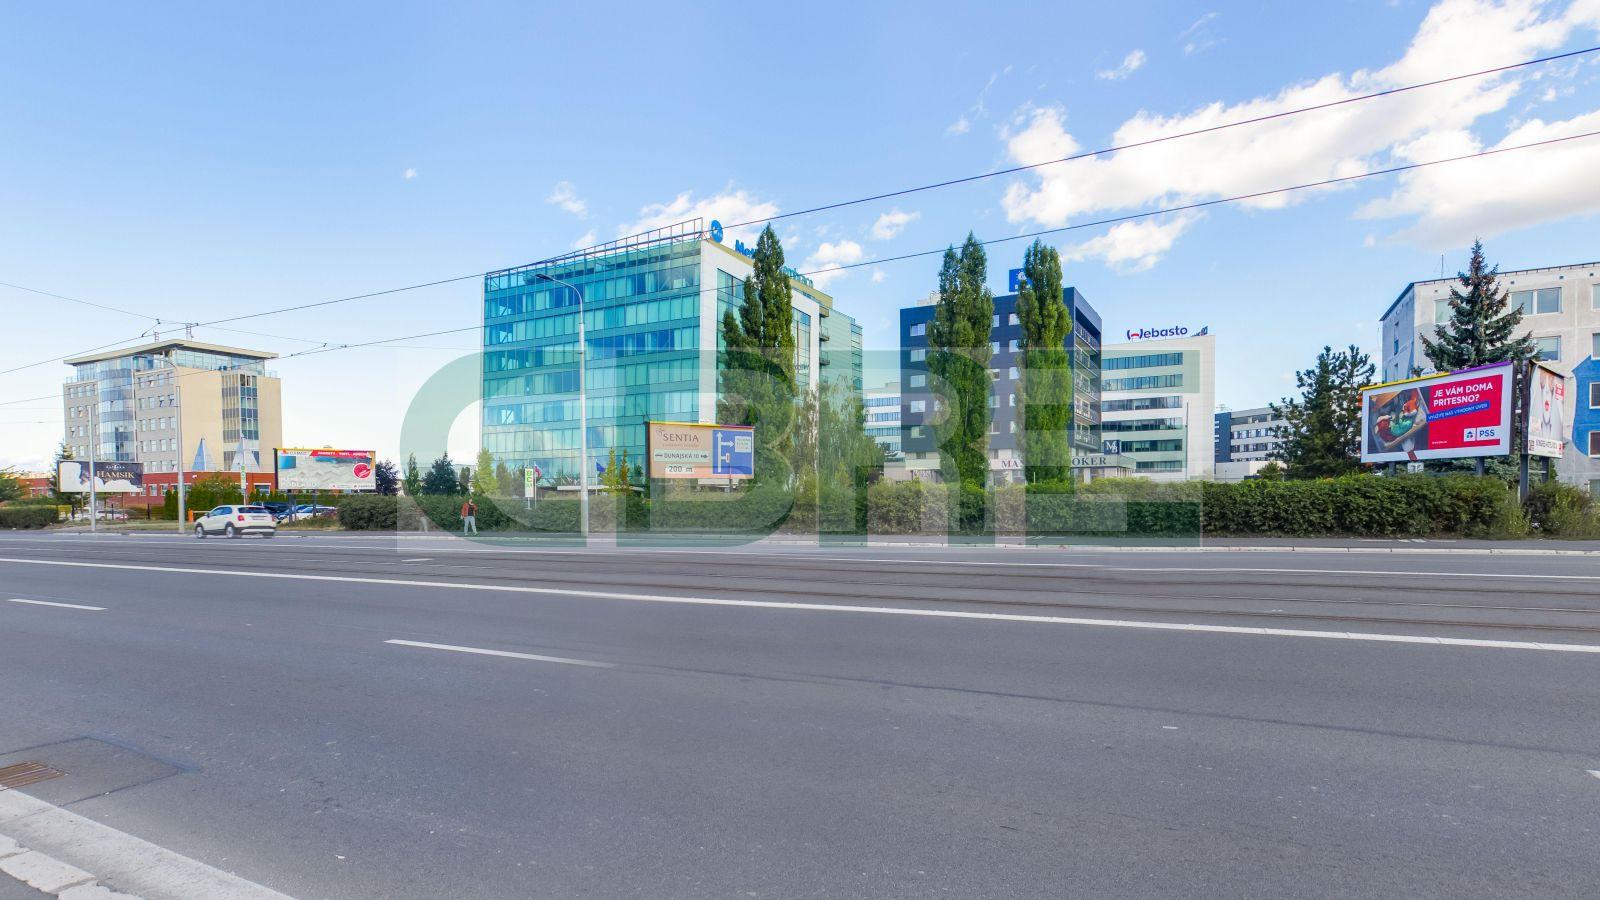 BCM BUSINESS CENTER MOLDAVSKÁ, Košice, Košice - Staré Mesto | Offices for rent by CBRE | 4